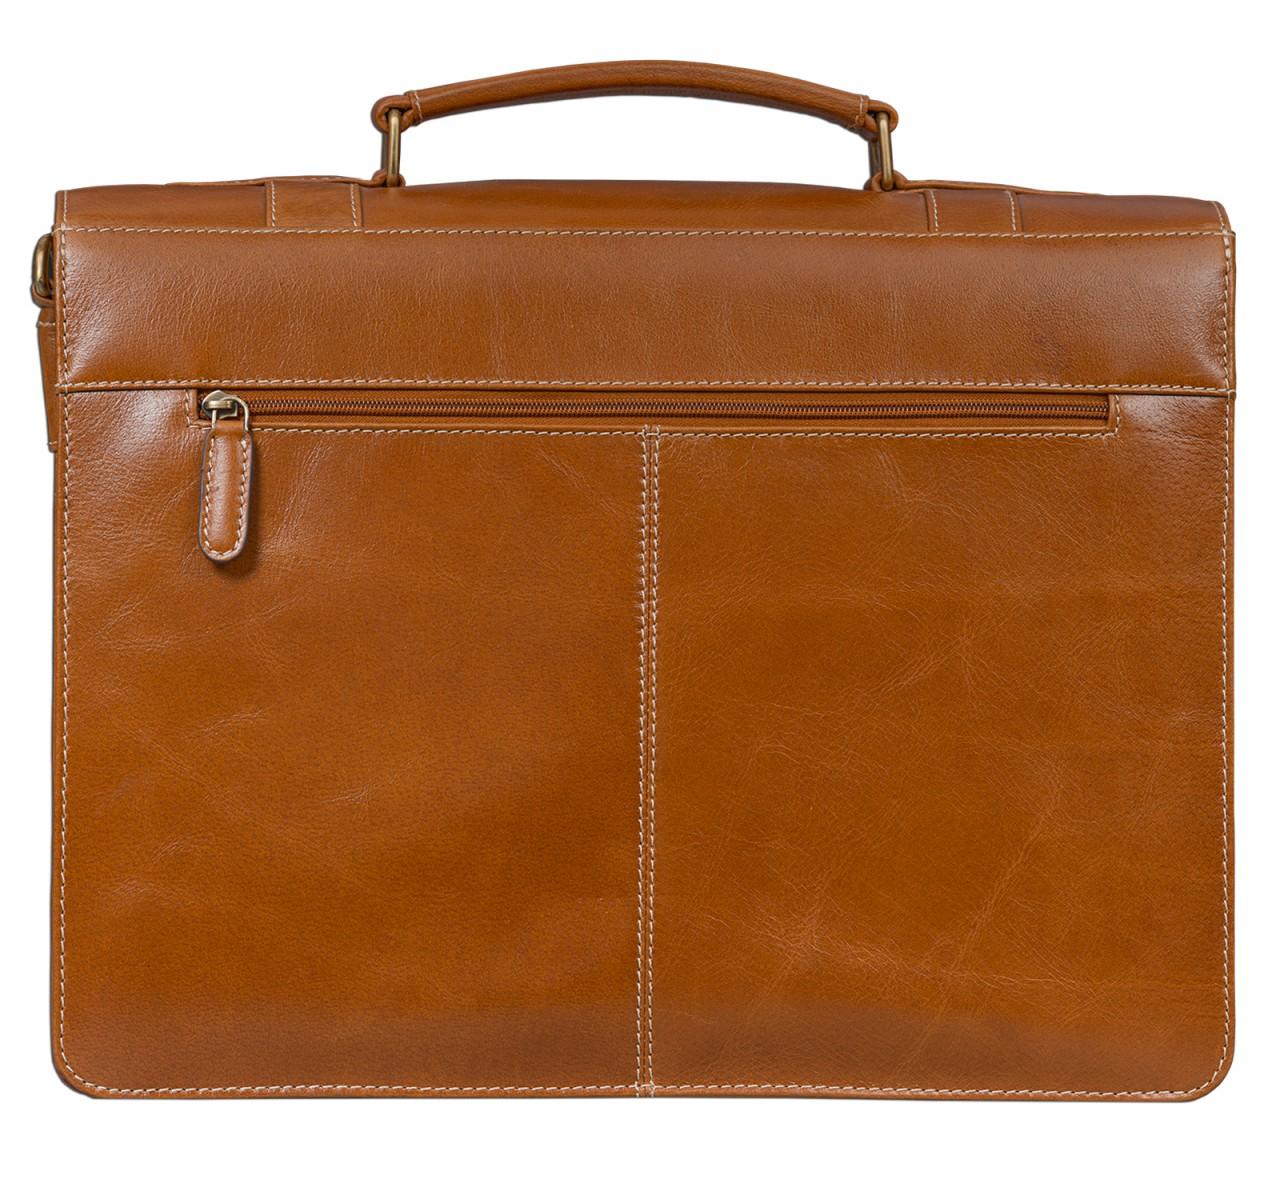 STILORD Aktentasche mit abnehmbaren Schultergurt Business Umhängetasche Lehrertasche im Vintage Design Leder cognac braun - Bild 3